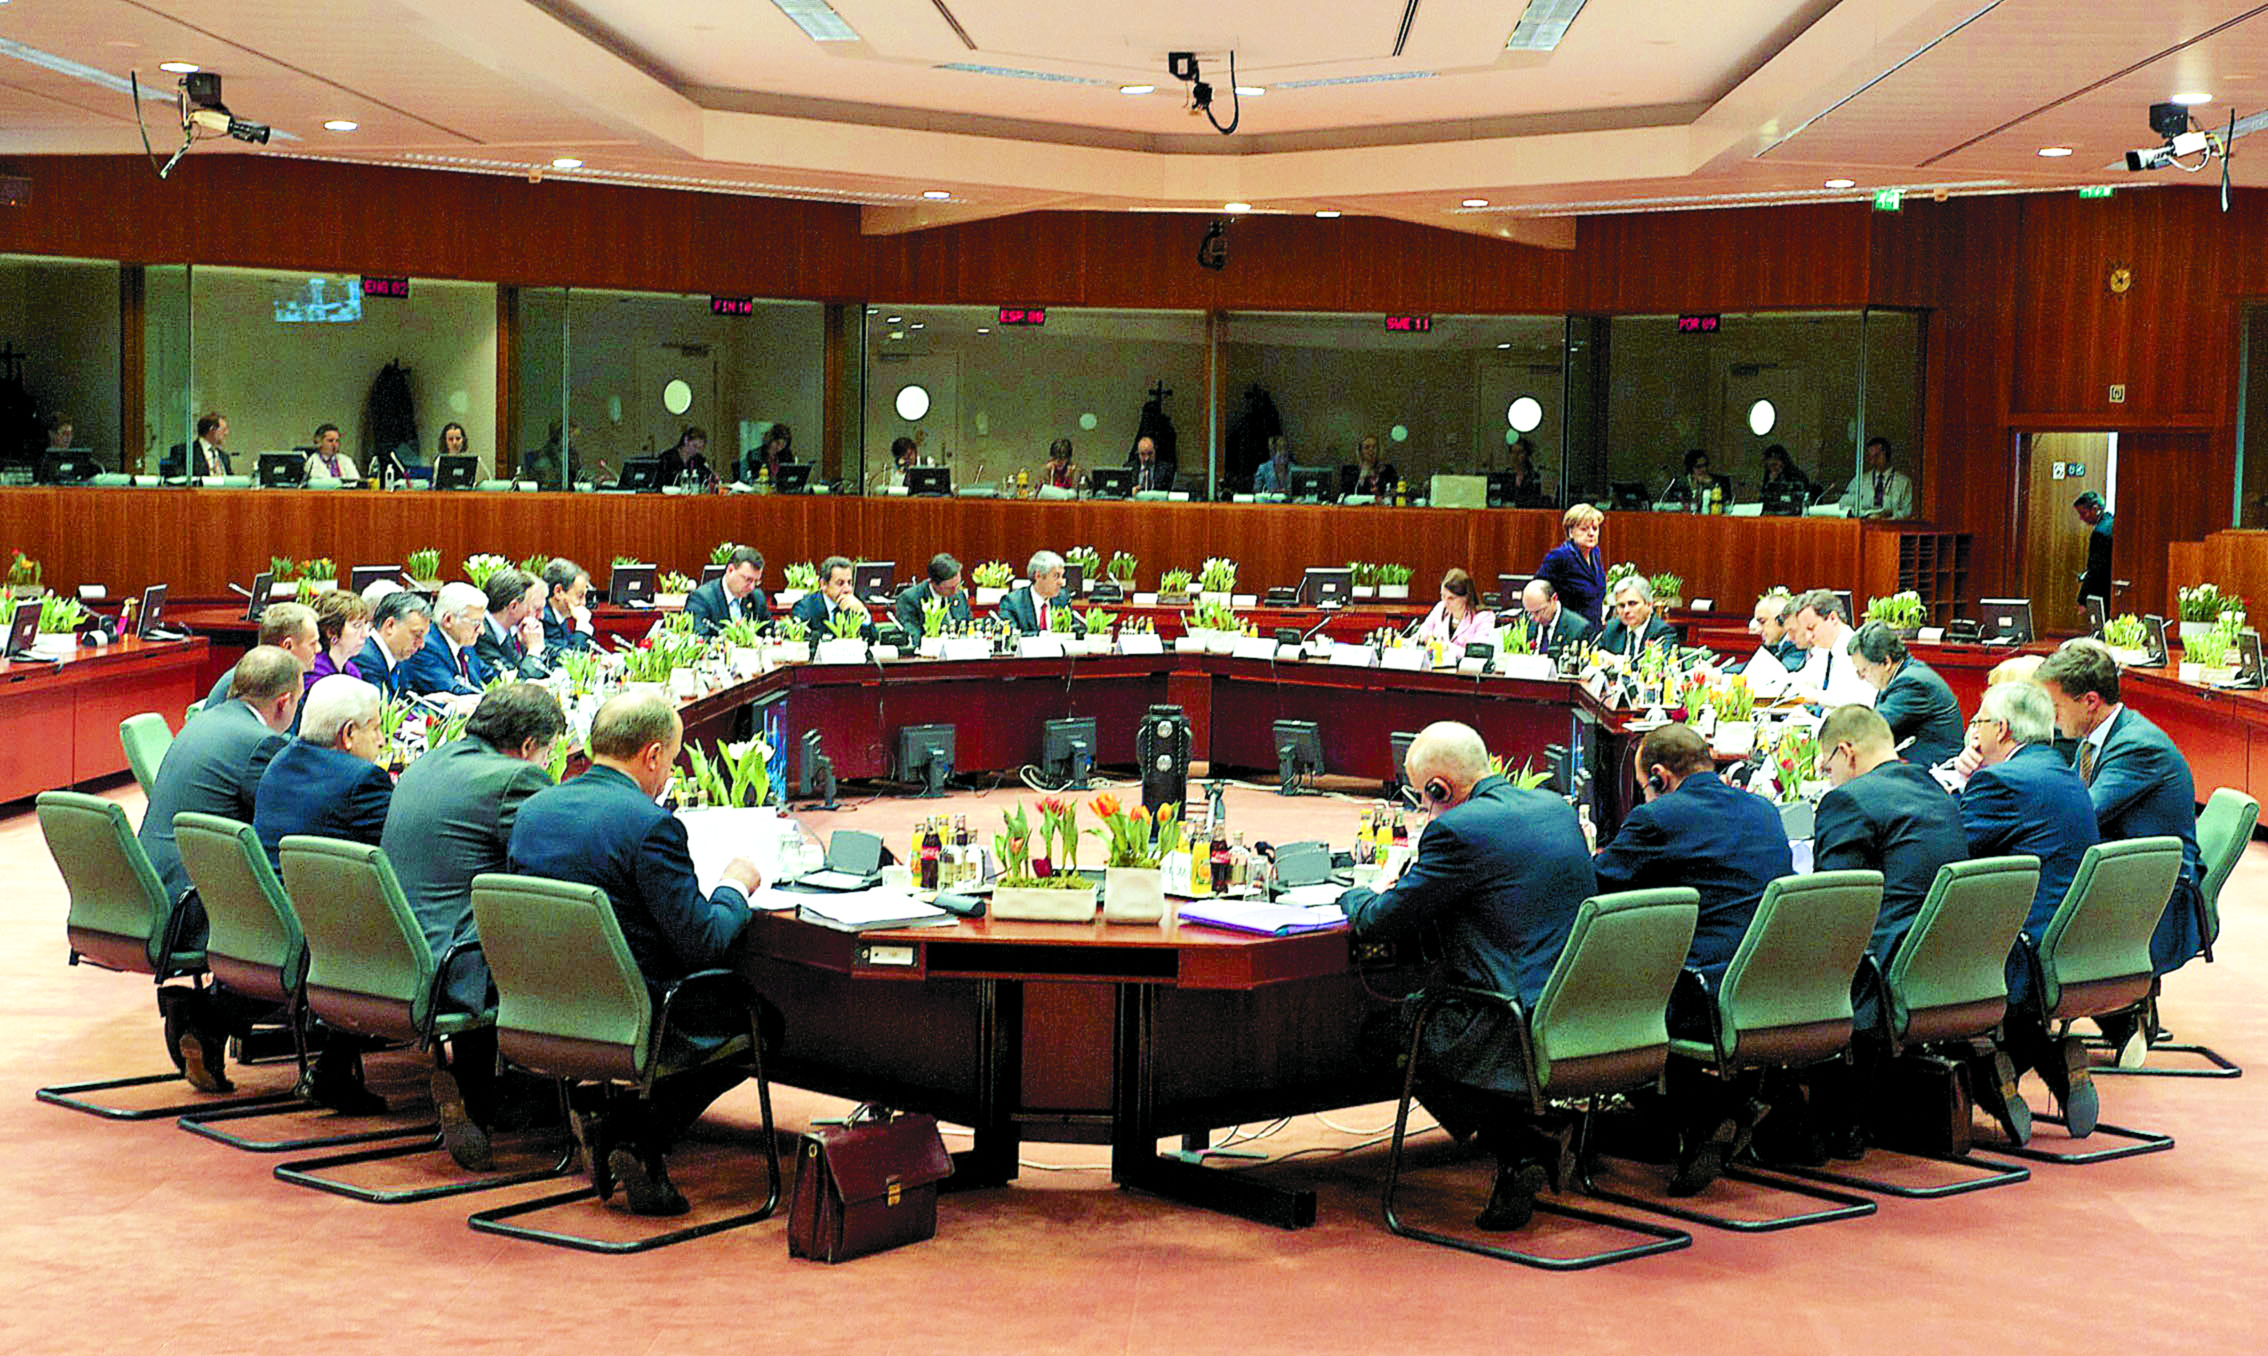 Σύνοδος Κορυφής: Εκτός ατζέντας το ελληνικό πρόβλημα | tovima.gr